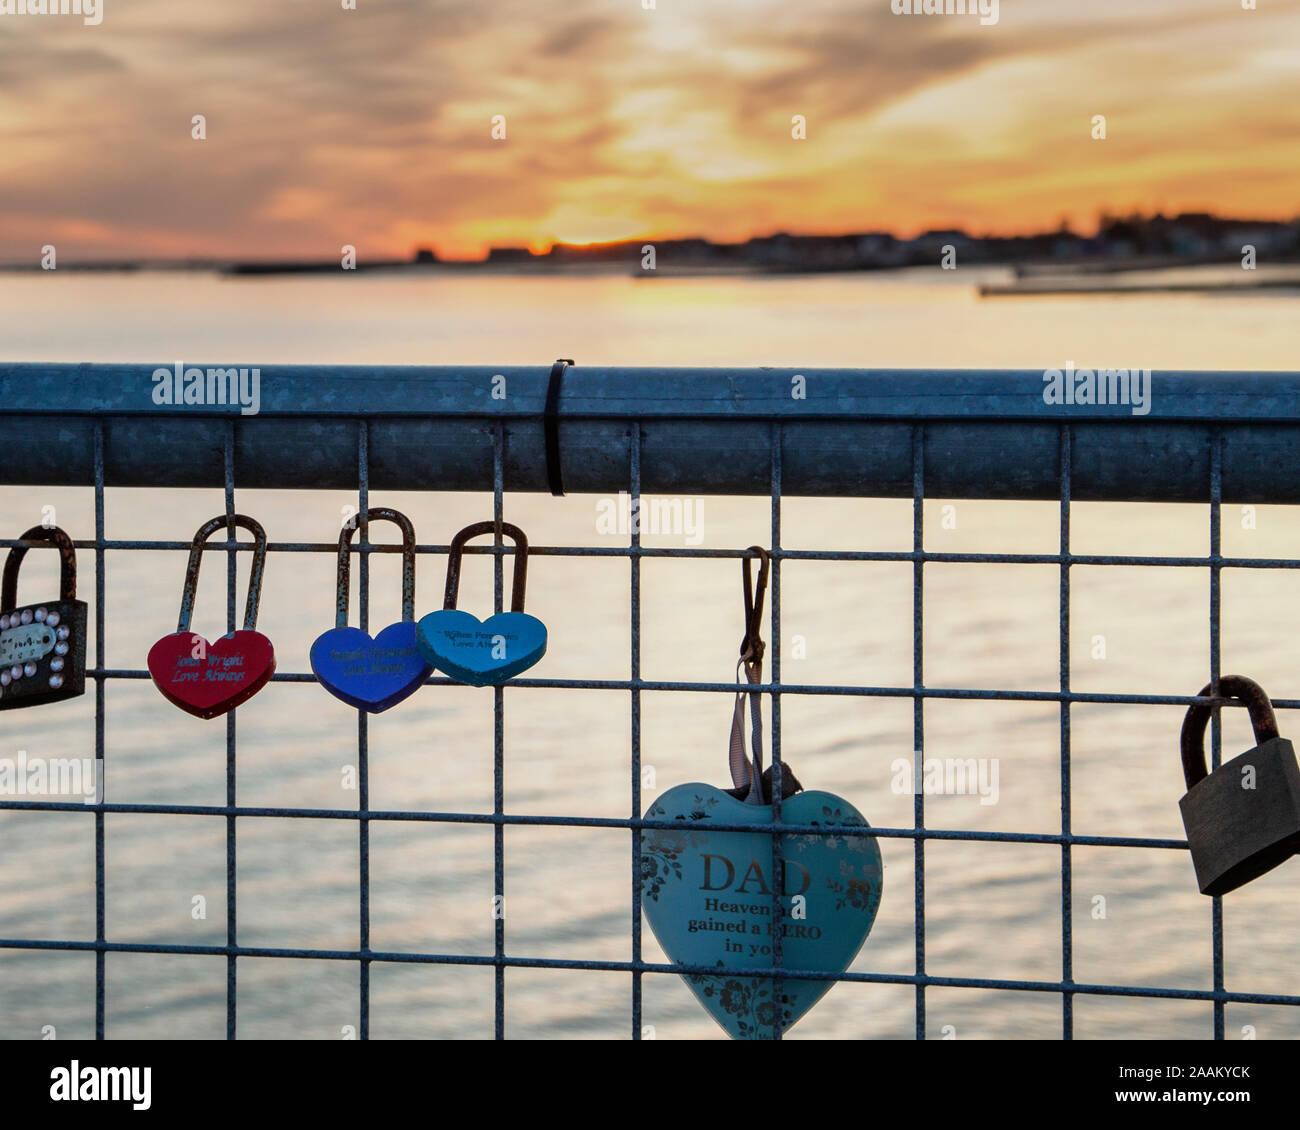 Liebe Schlösser angeschlossen an ein Geländer mit einem Sonnenuntergang in der Ferne. Konzept der Sonne, die auf eine Beziehung, die aus Liebe und oben brechen. Stockfoto